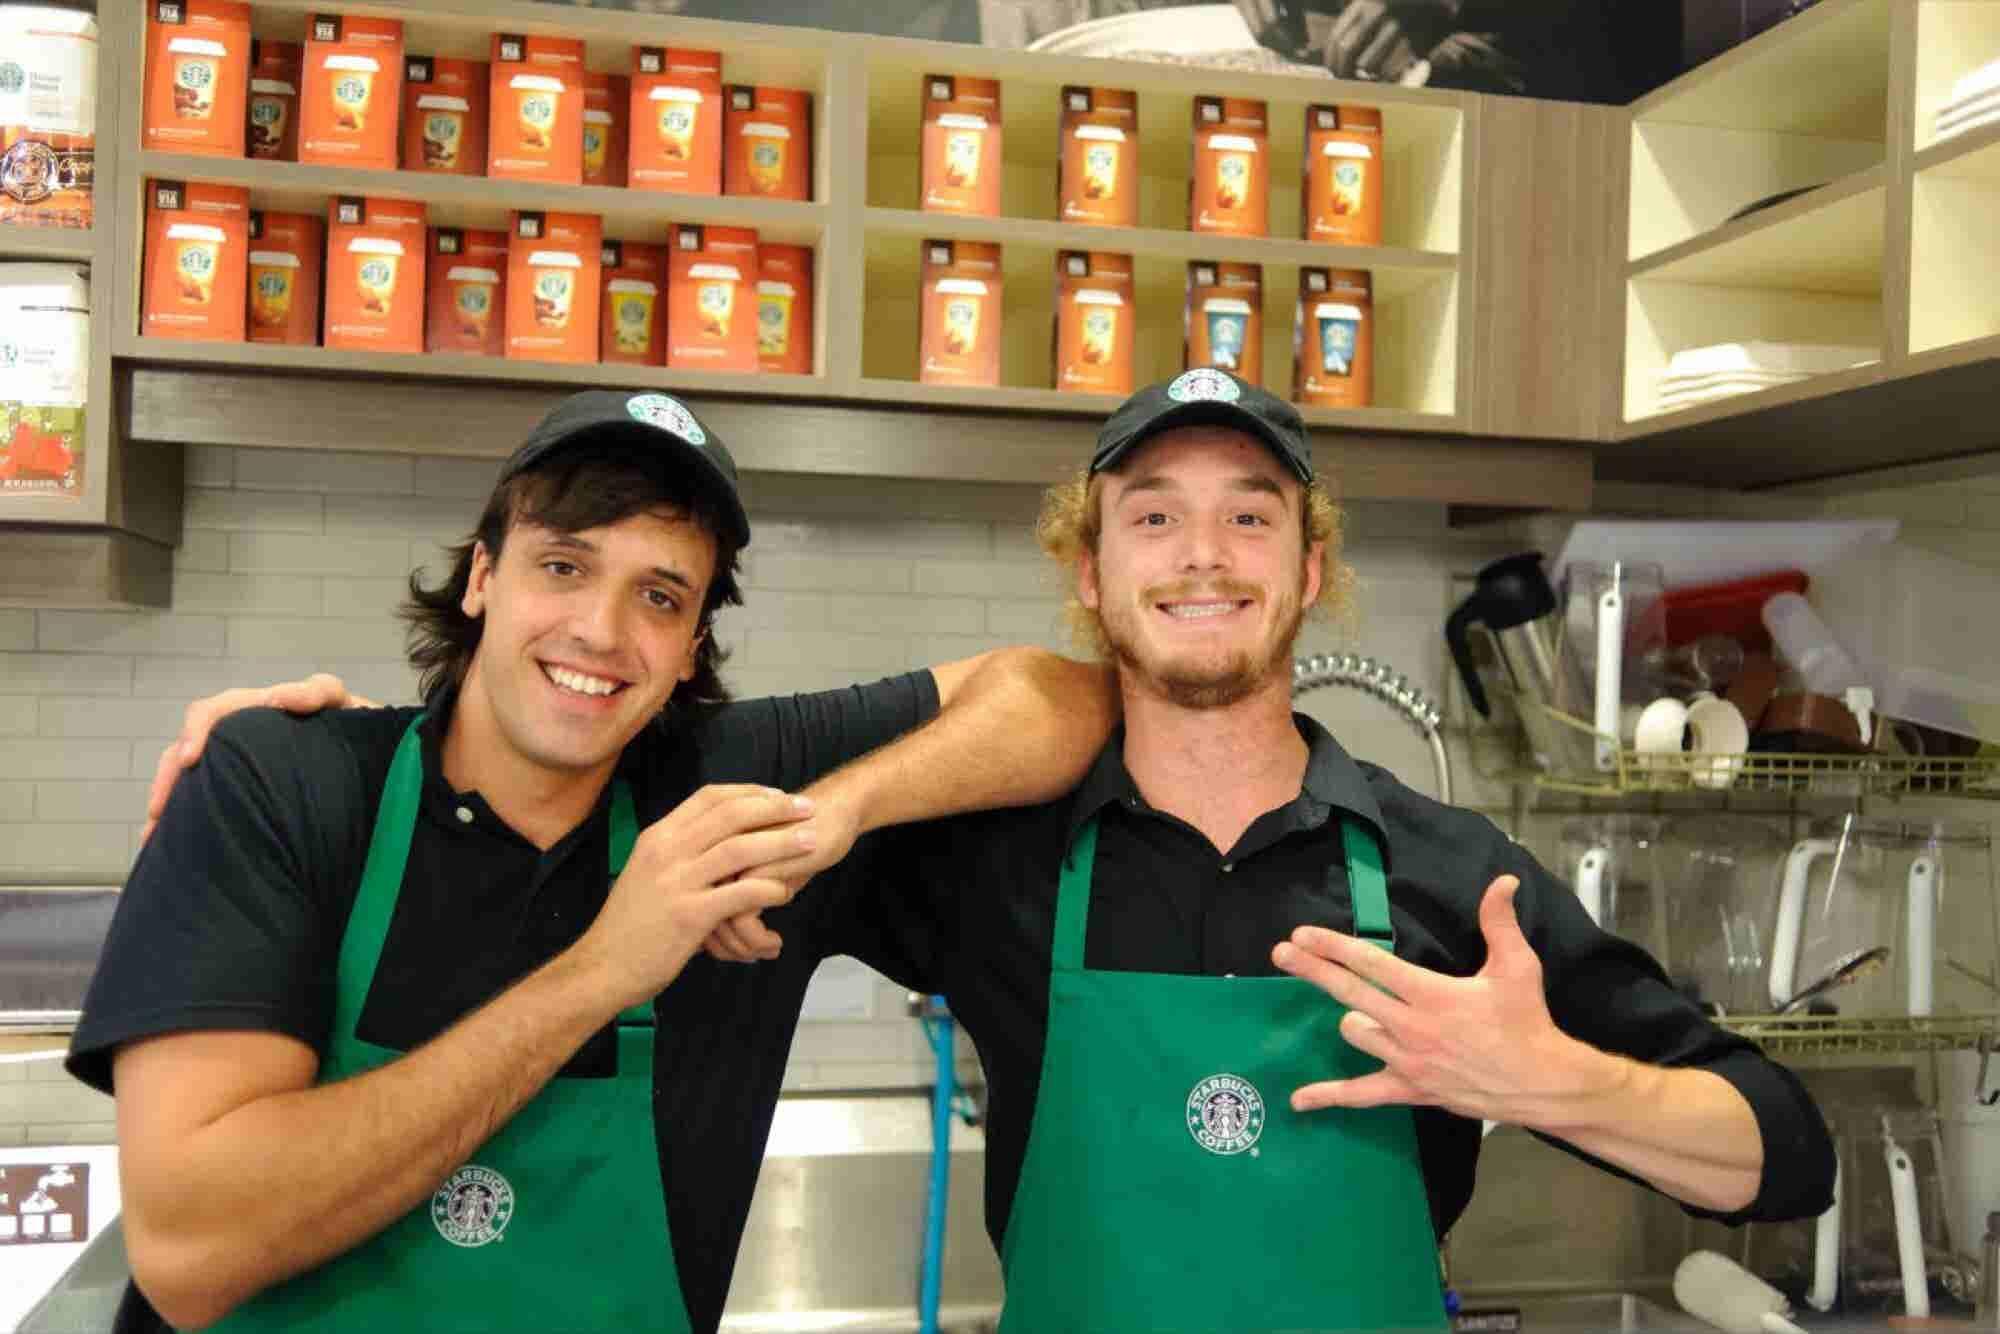 Así hará Starbucks para evitar la discriminación en sus tiendas